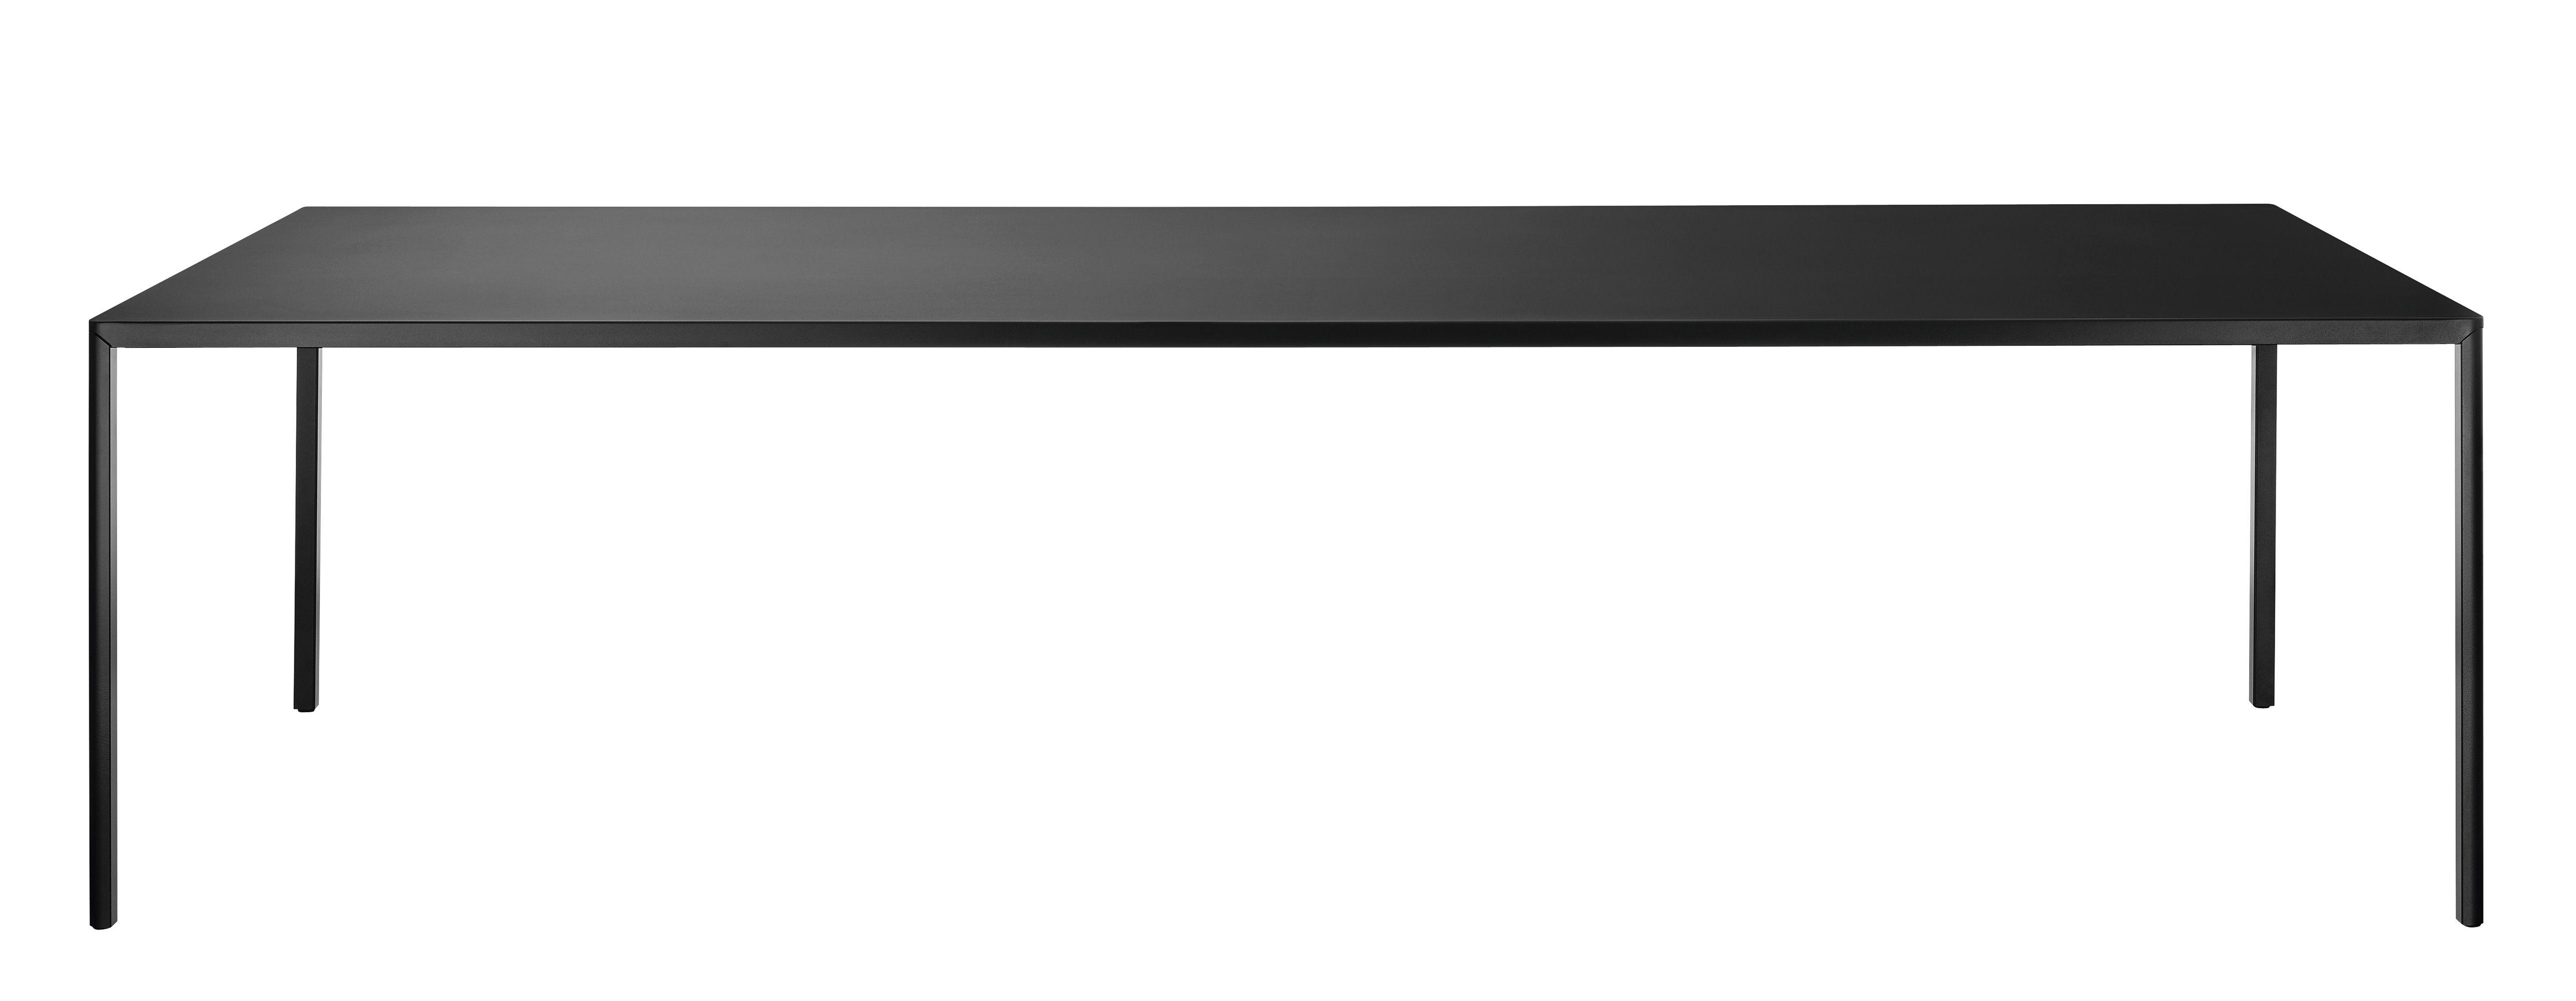 Outdoor - Tables de jardin - Table rectangulaire Passe-partout Outdoor / 240 x 100 cm - Magis - Noir - Acier verni, Aluminium verni